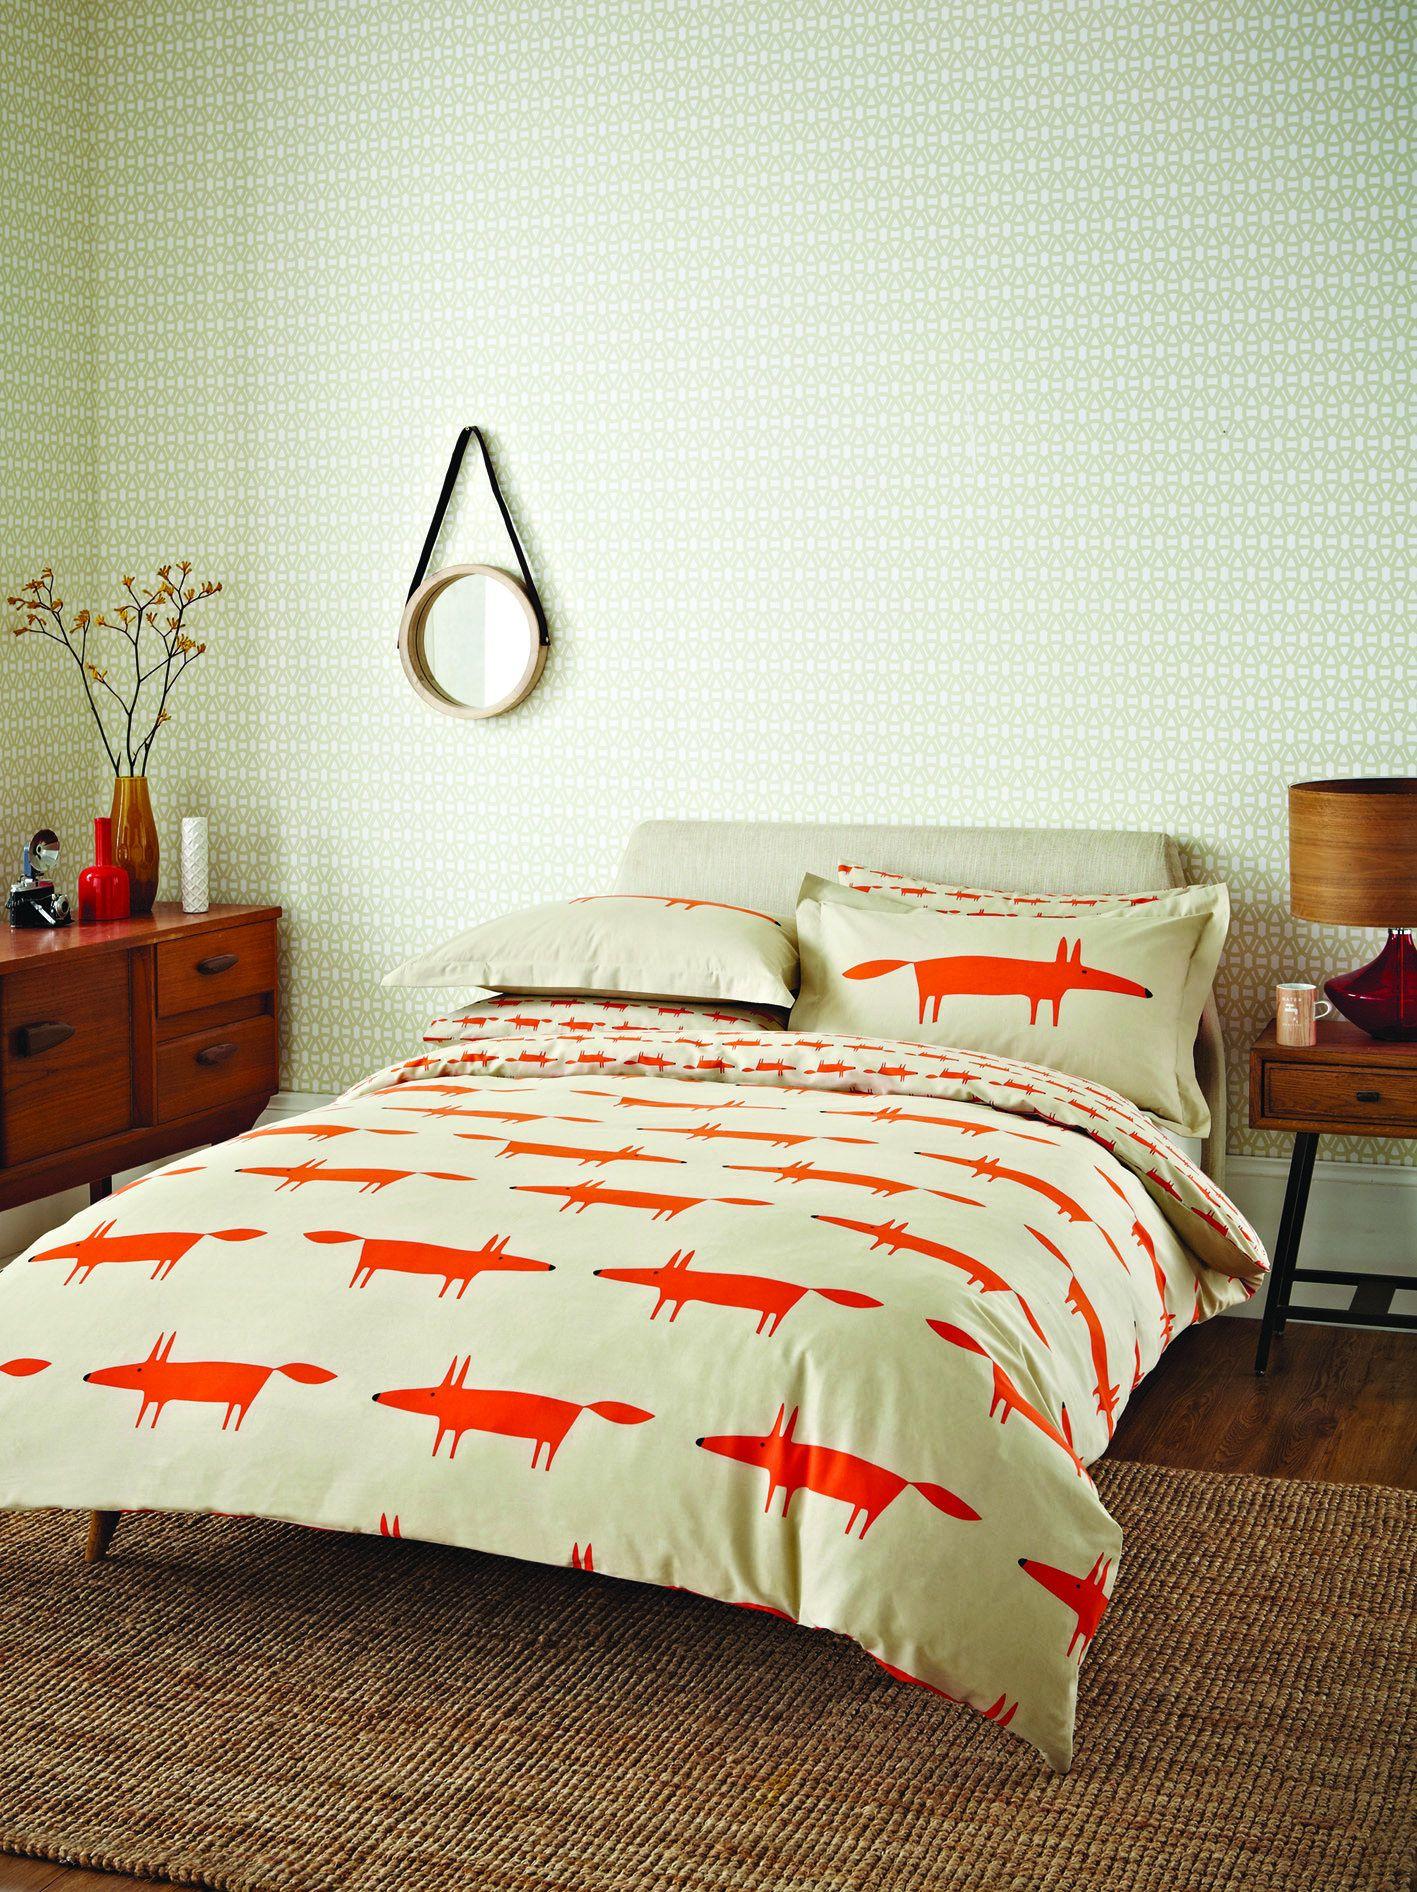 Mr Fox Double Duvet Set bedding by Scion King size duvet